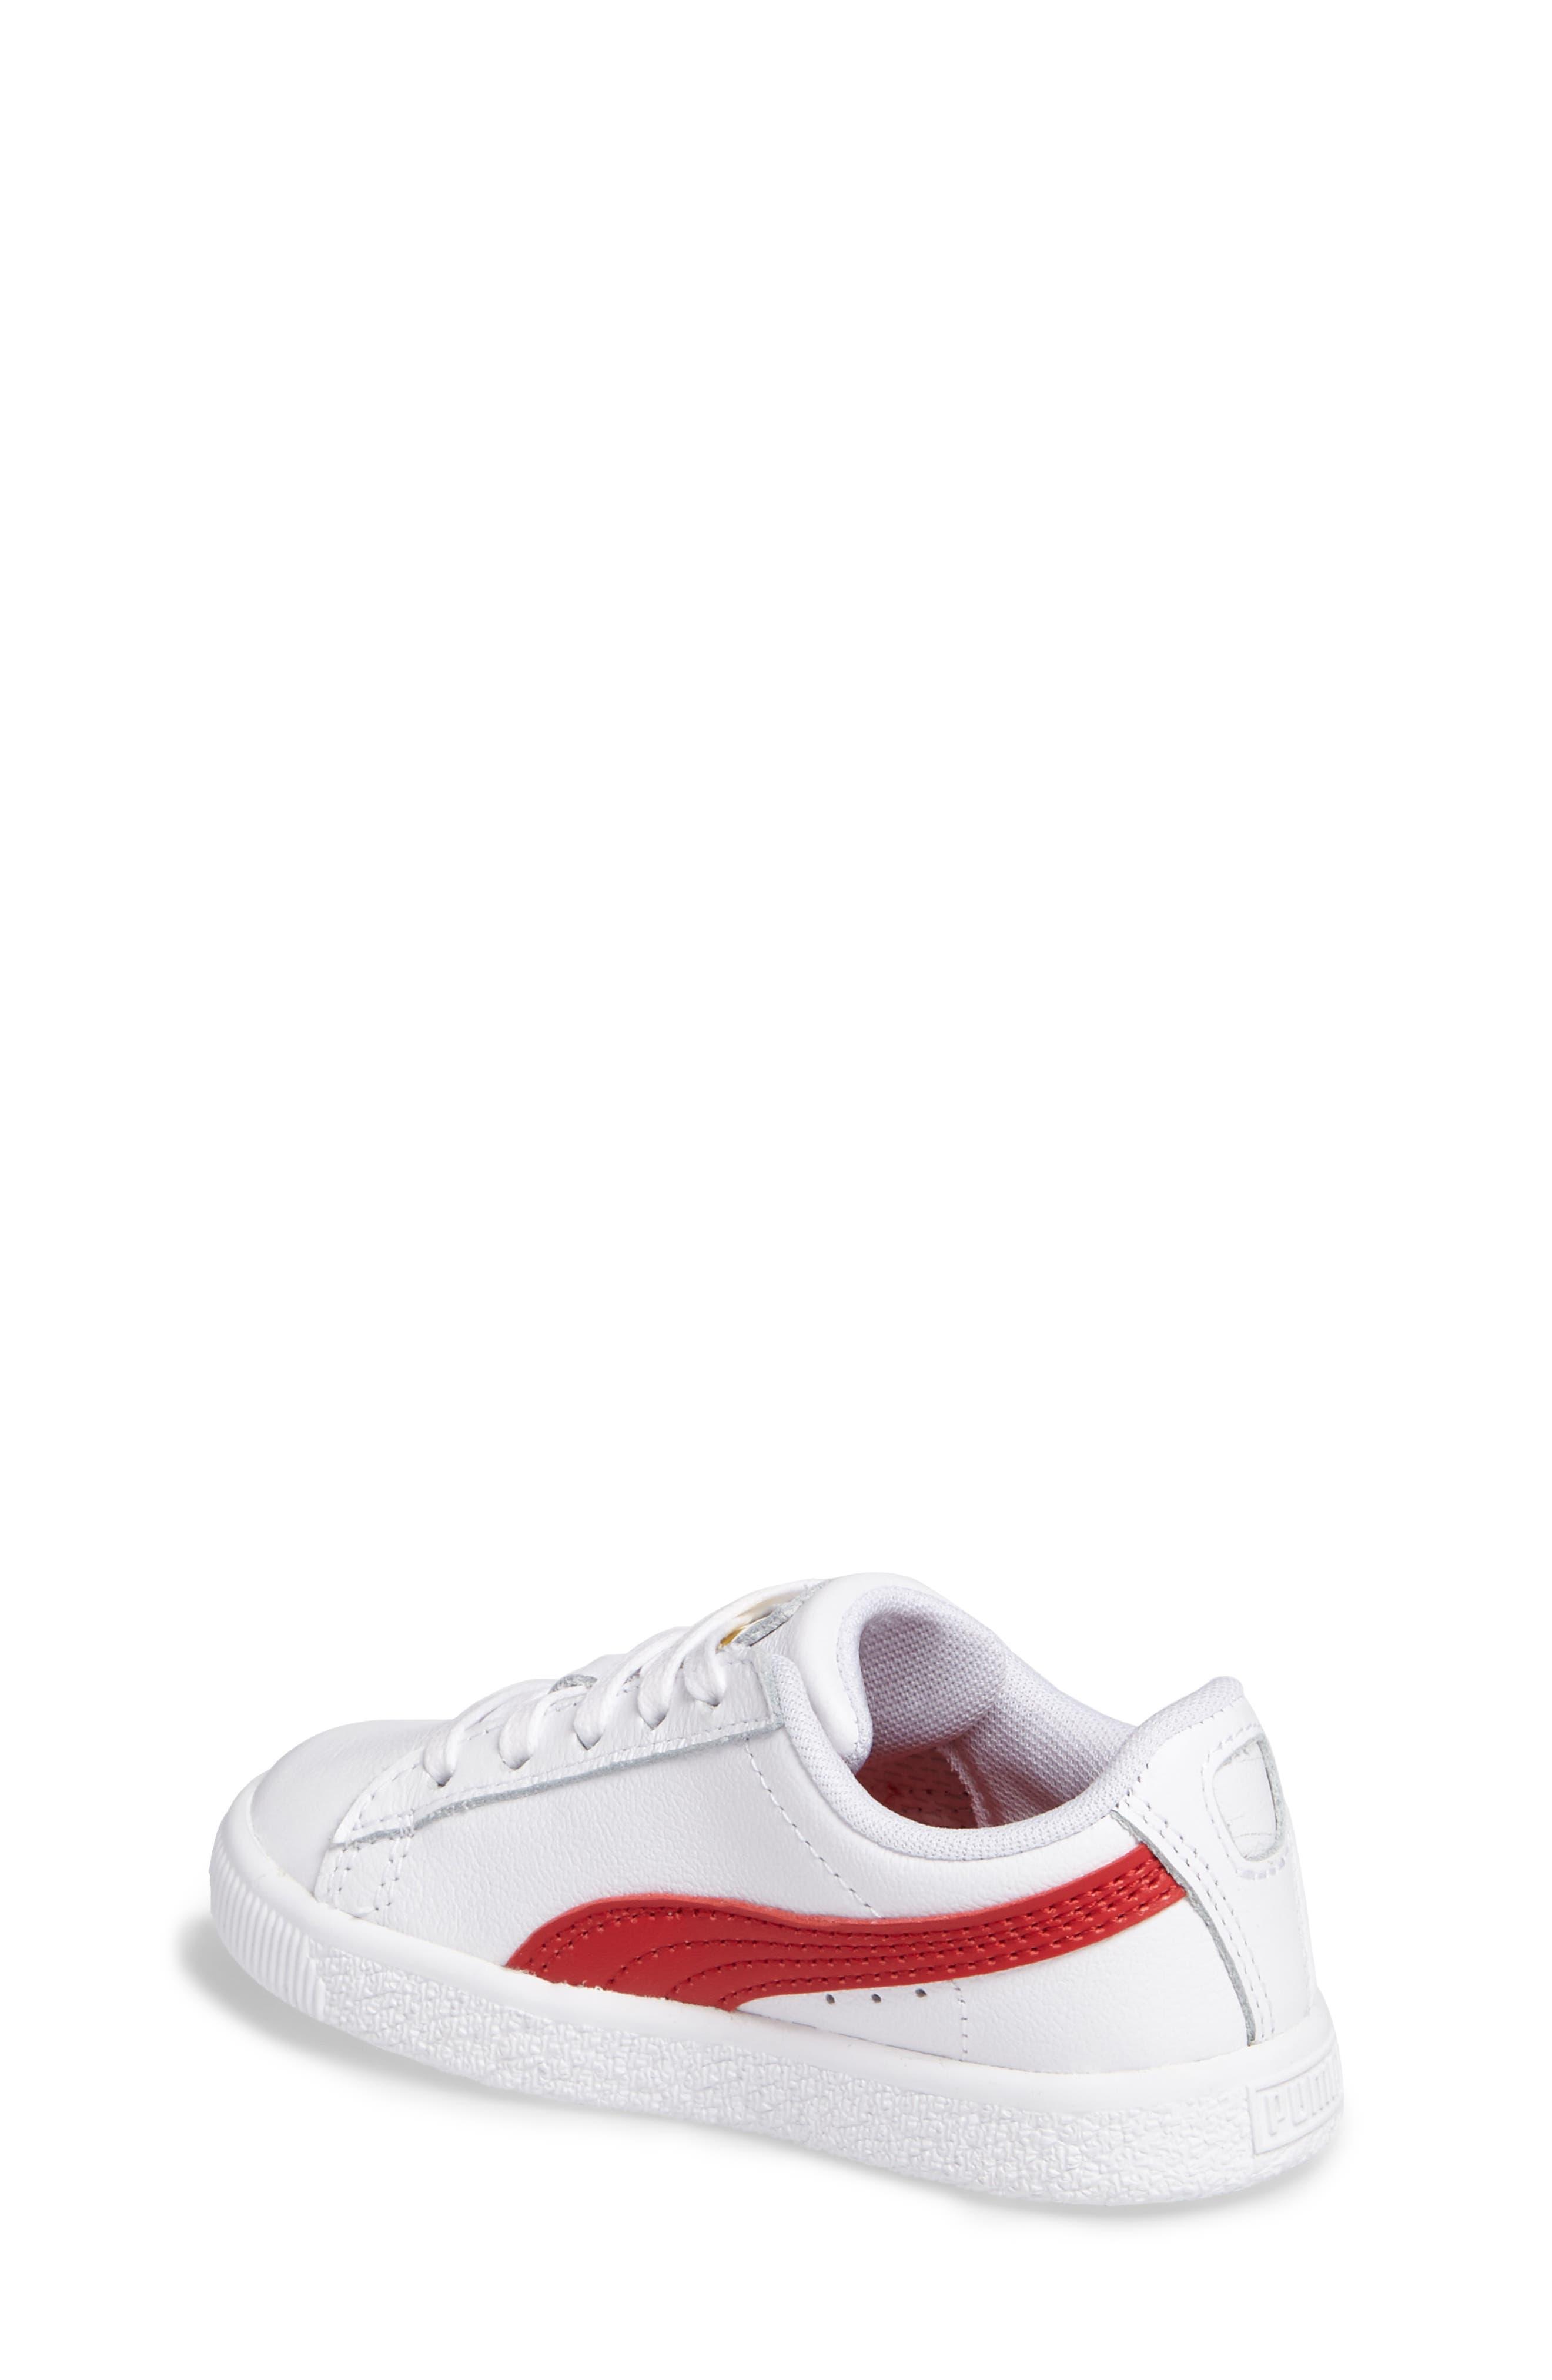 Clyde Core Foil Sneaker,                             Alternate thumbnail 11, color,